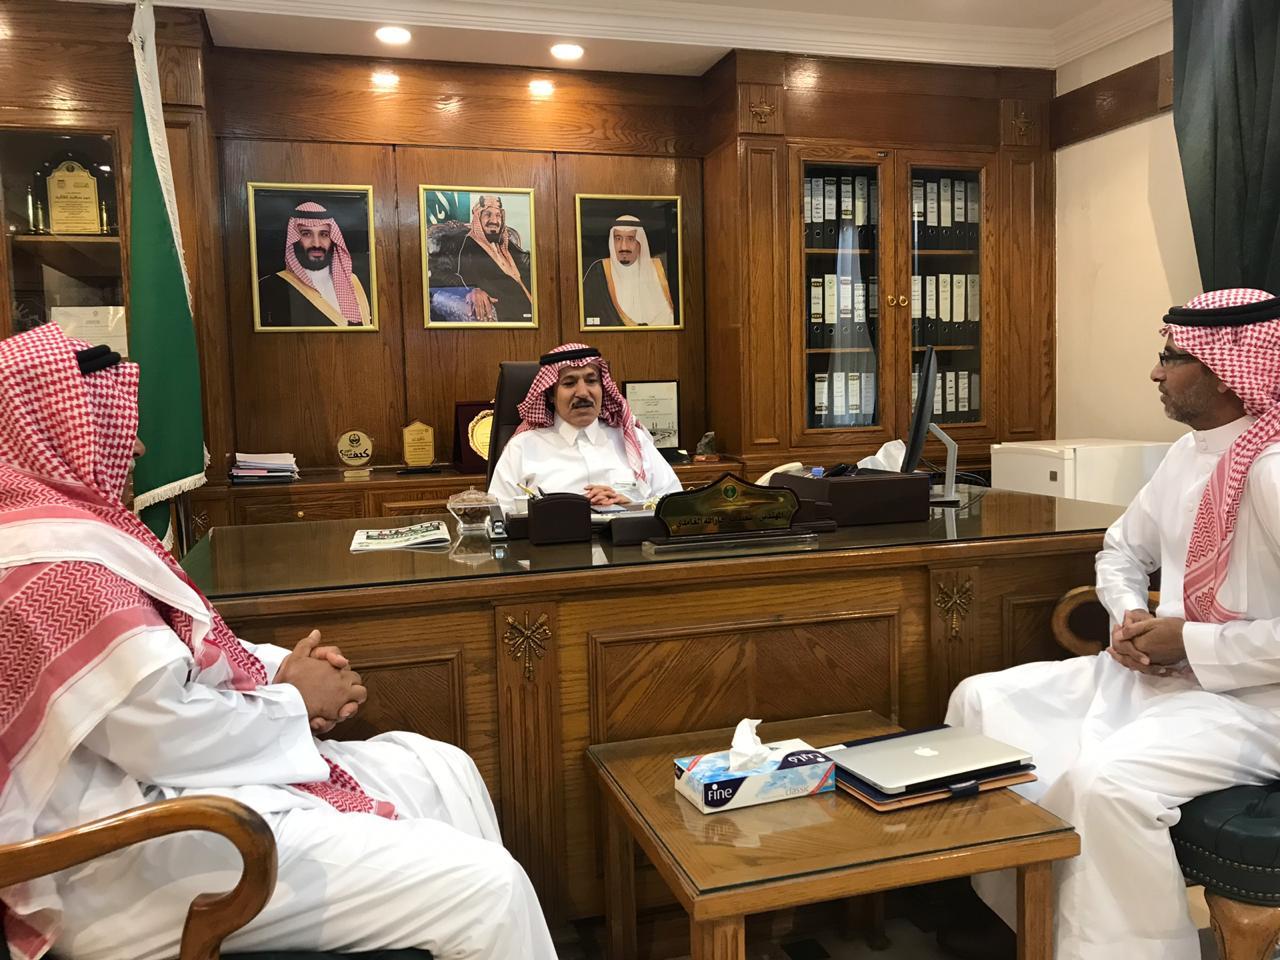 زيارة الجحدلي لفرع وزارة البيئة والمياه والزراعة بمنطقة مكة المكرمة